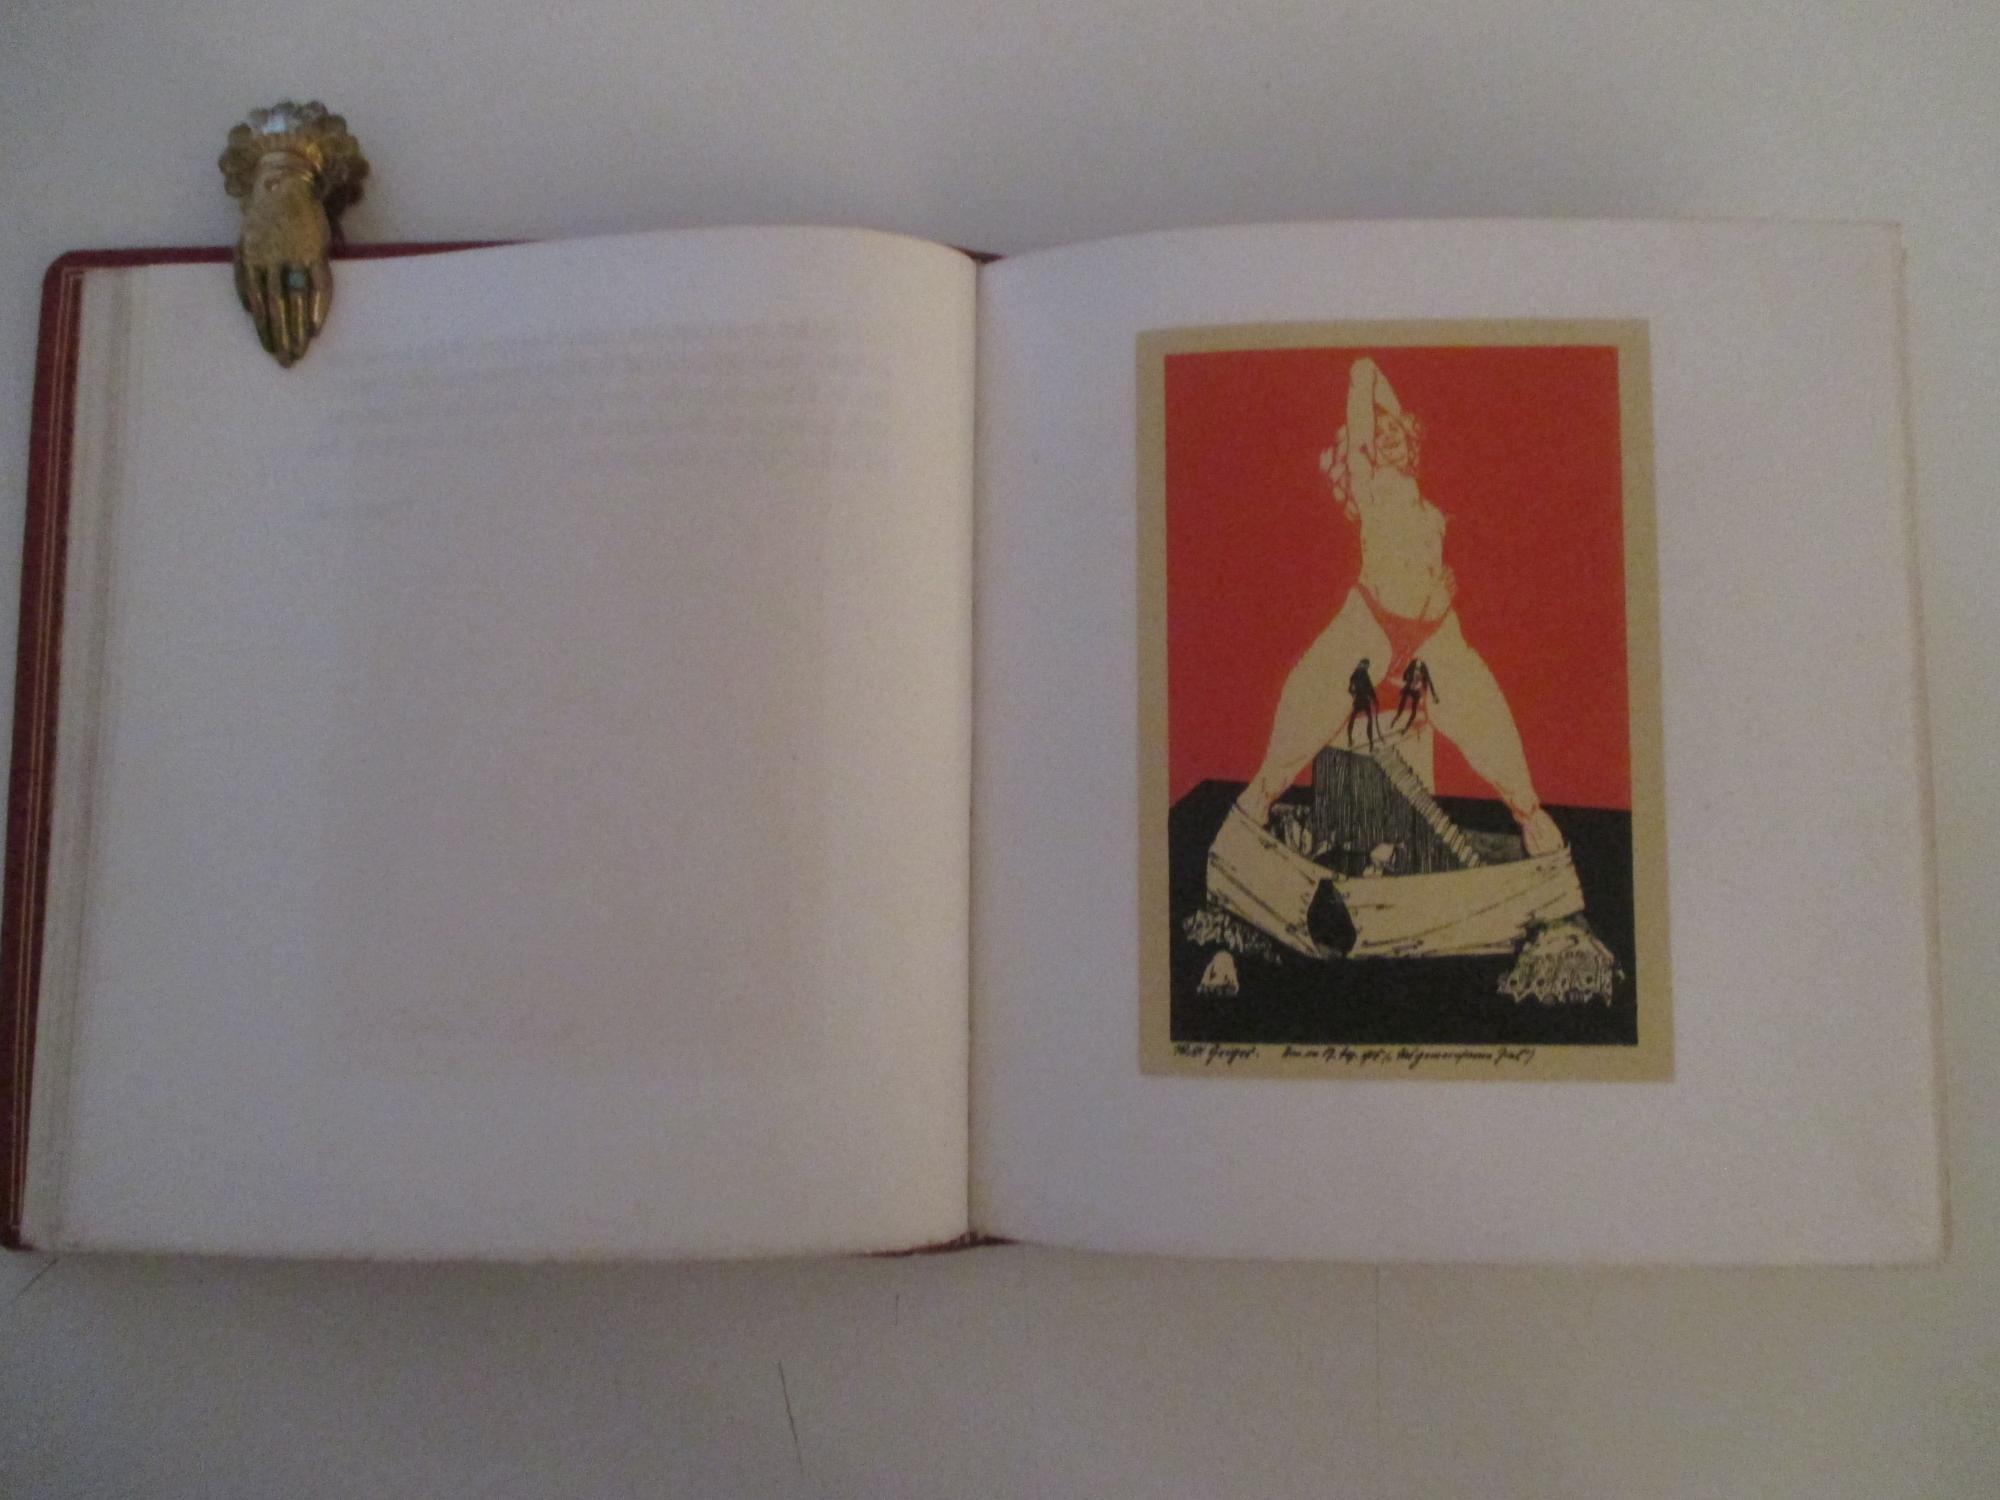 Das gemeinsame Ziel und Anderes. Ein Zyklus erotischer Zeichnungen. Mit einleitenden Worten aus der totenmesse von Stanislaw Przybyszewski.